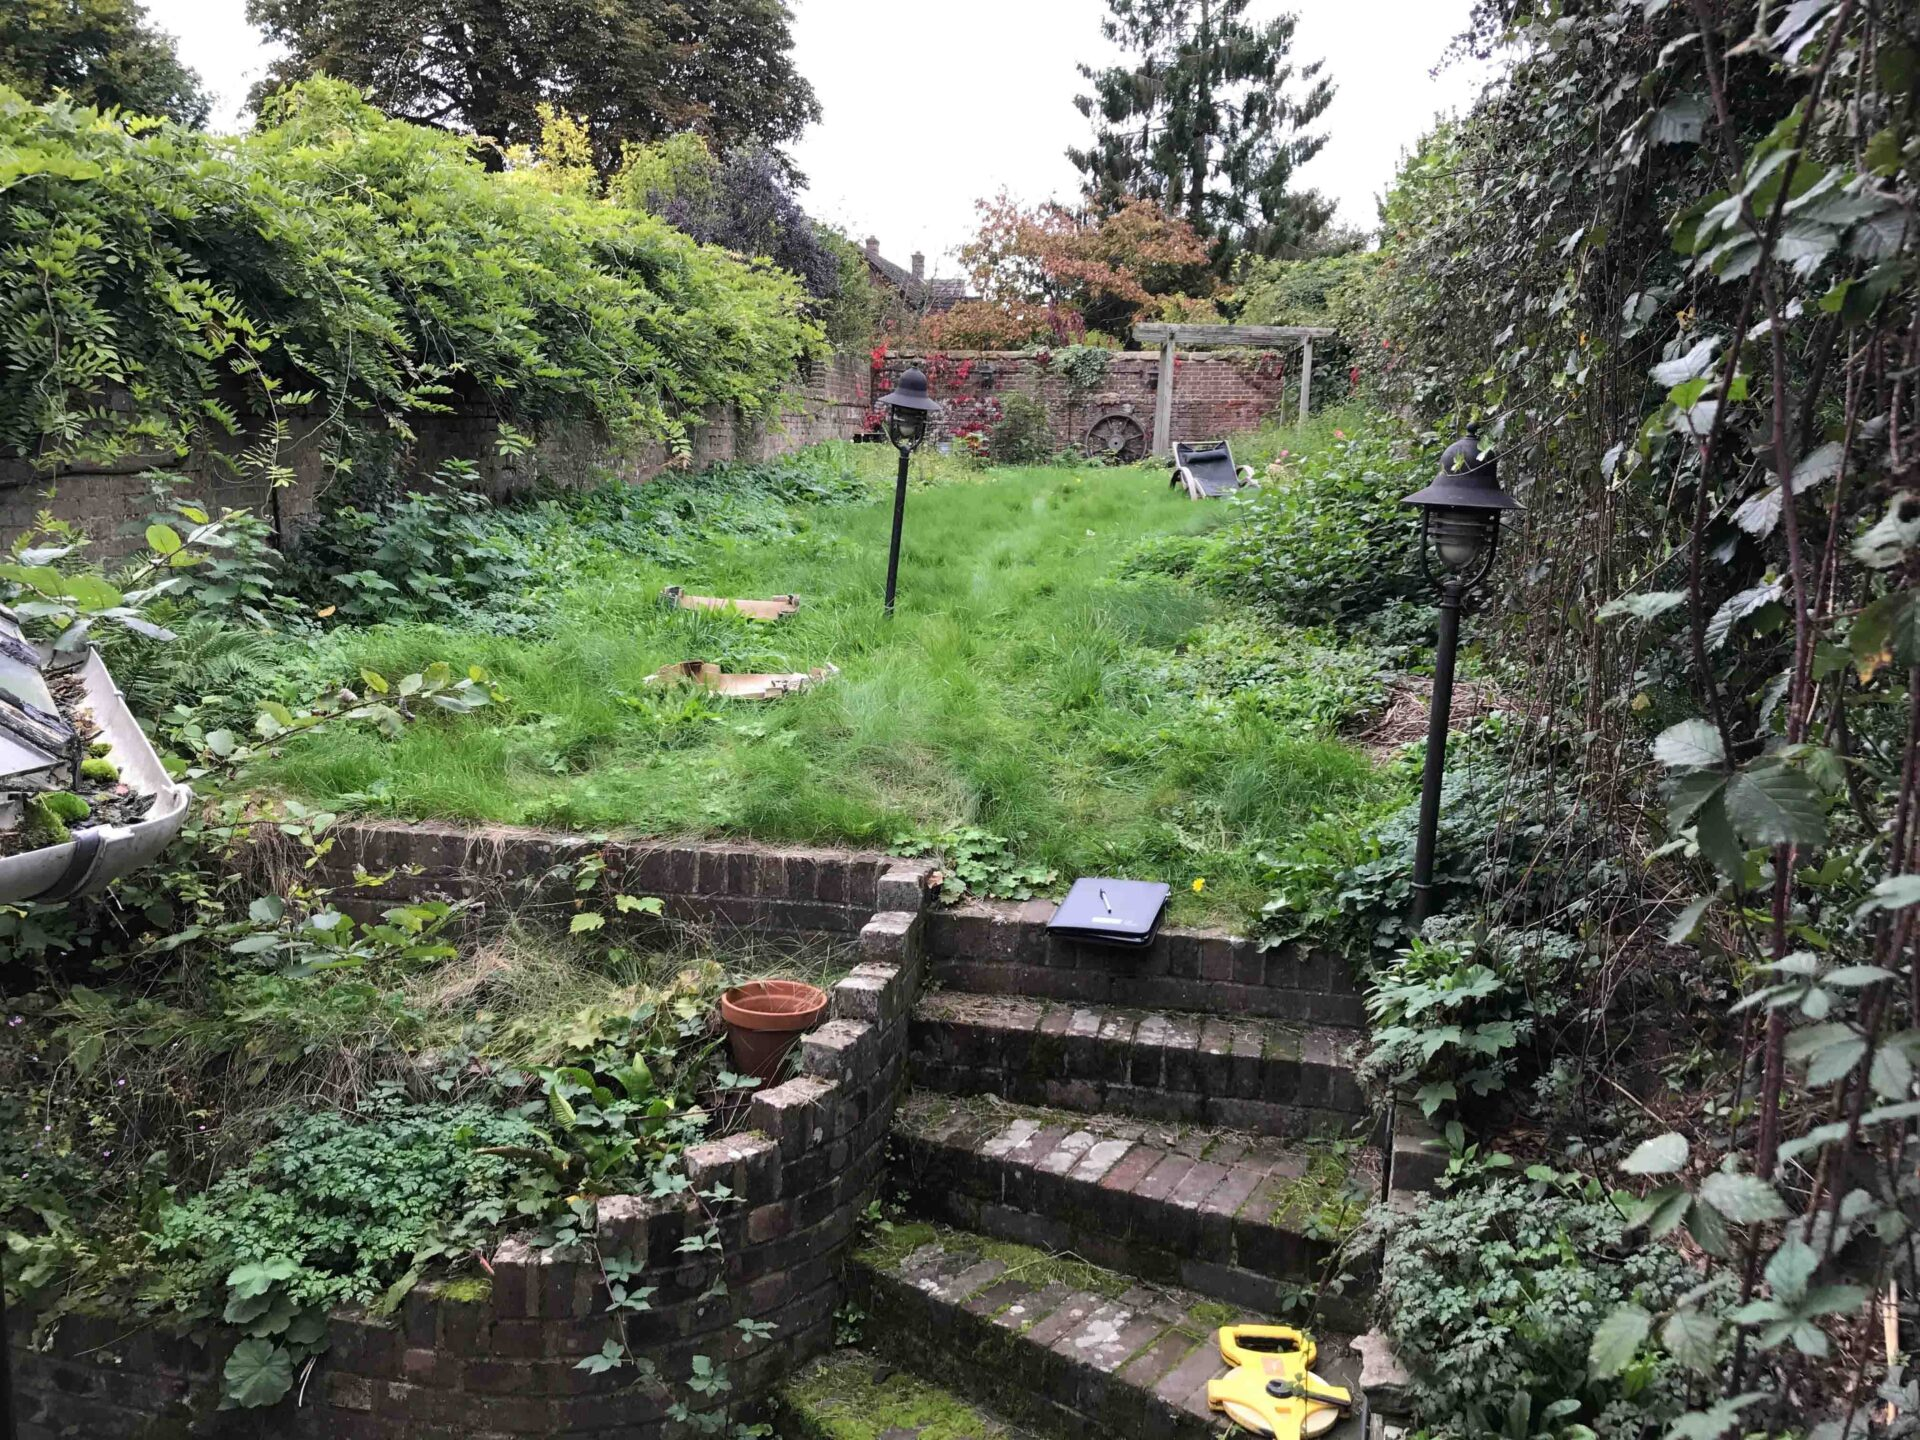 Vikings Garden Before